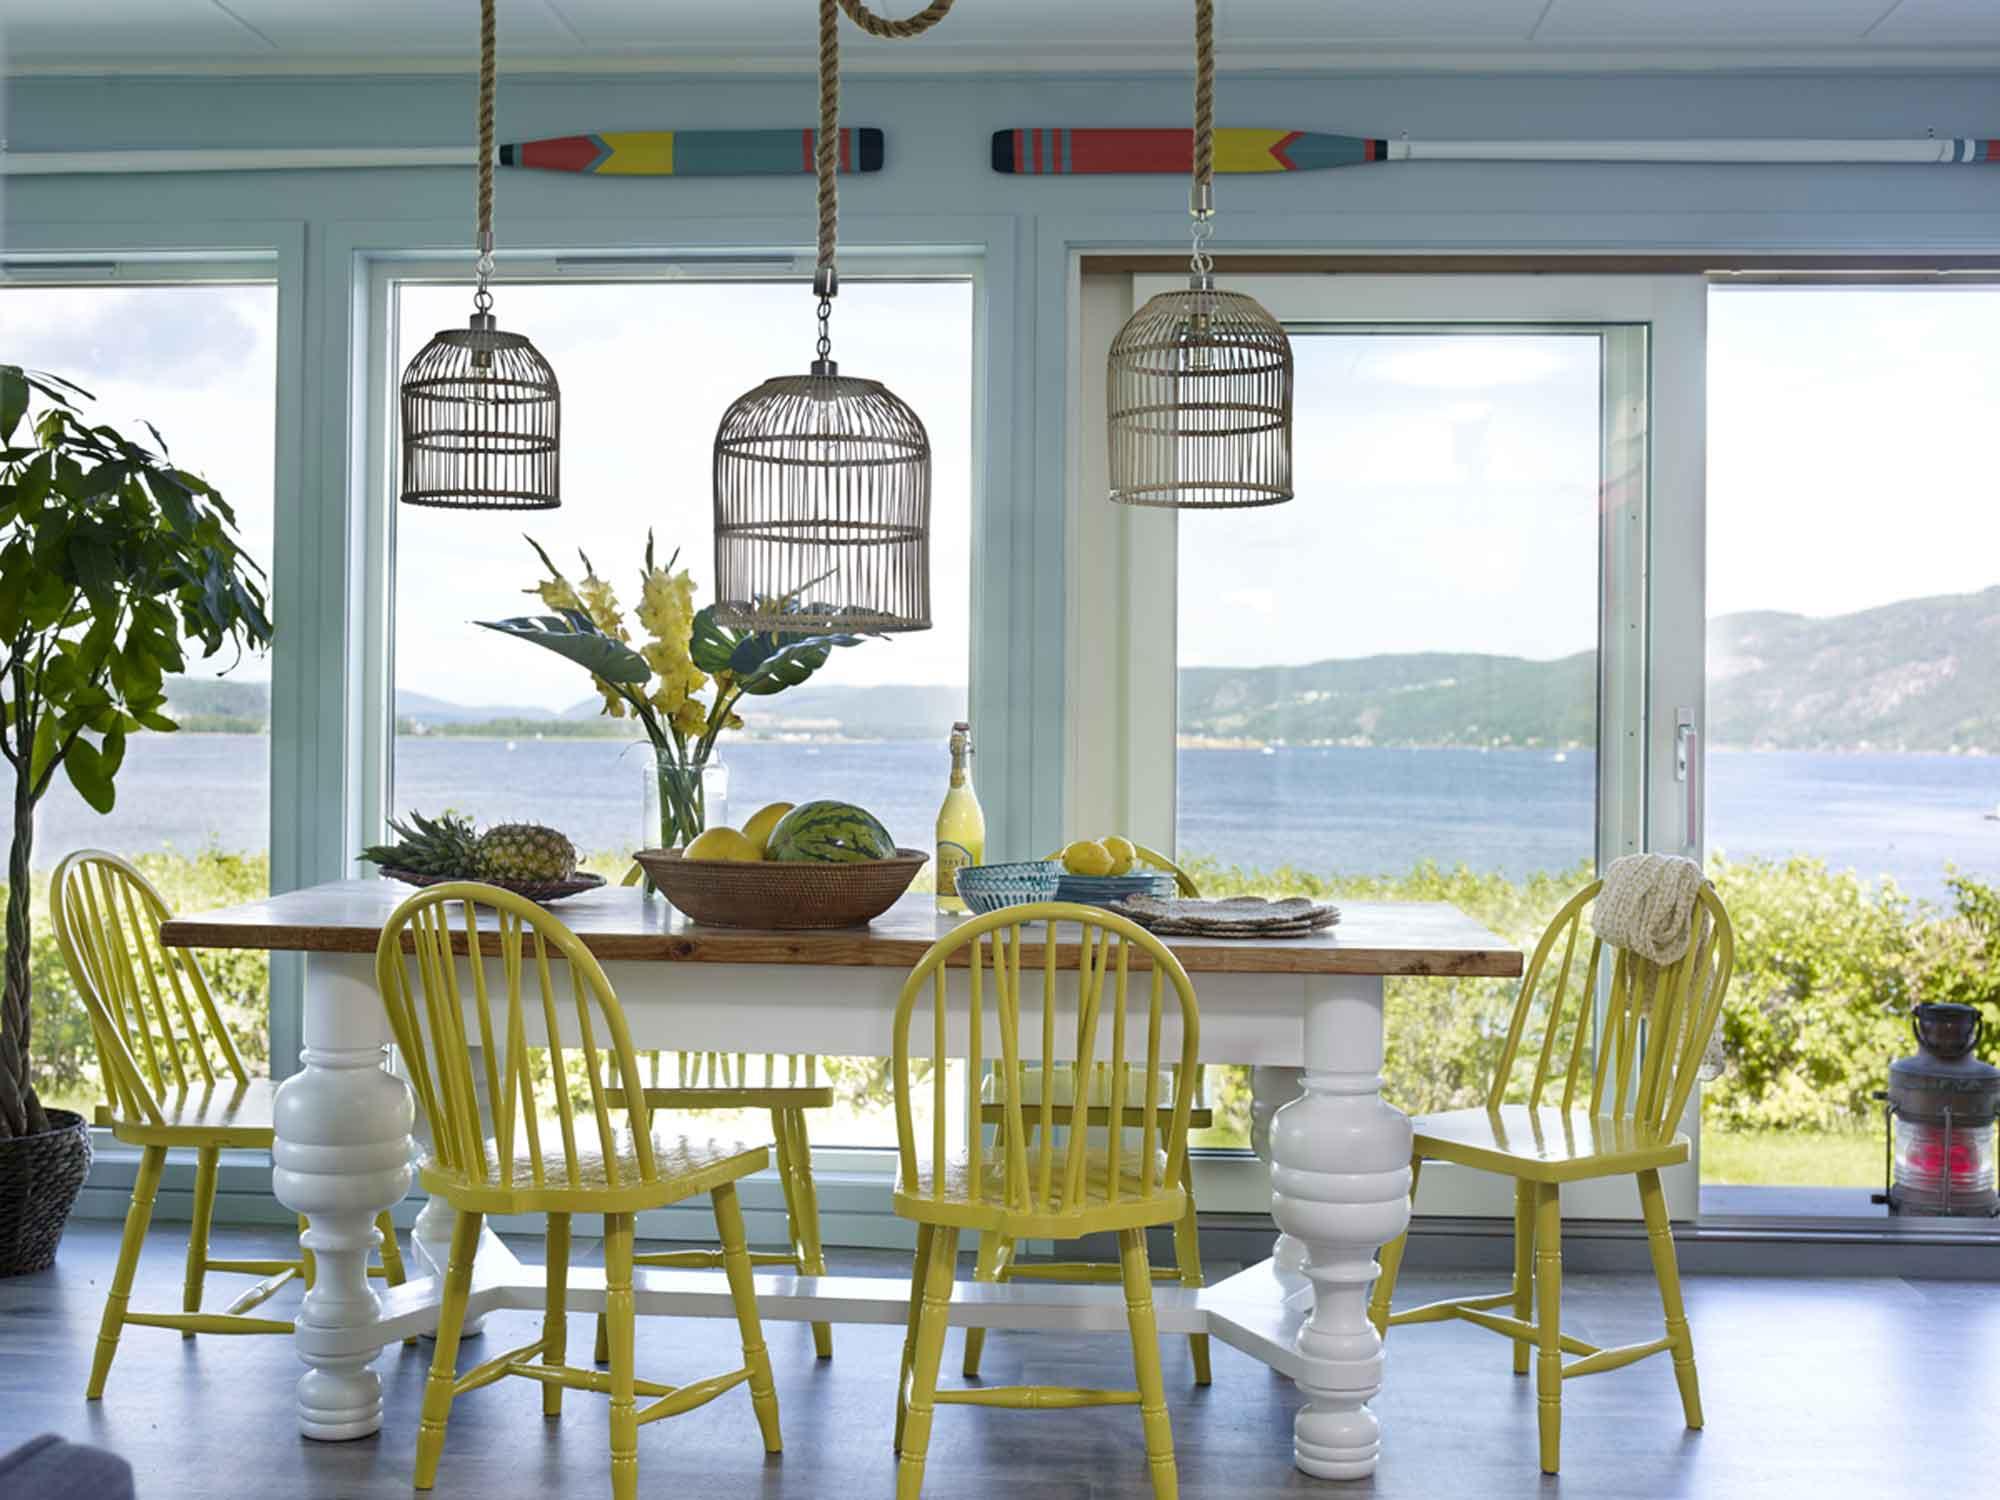 Una cabaña de estilo nórdico y colores de verano